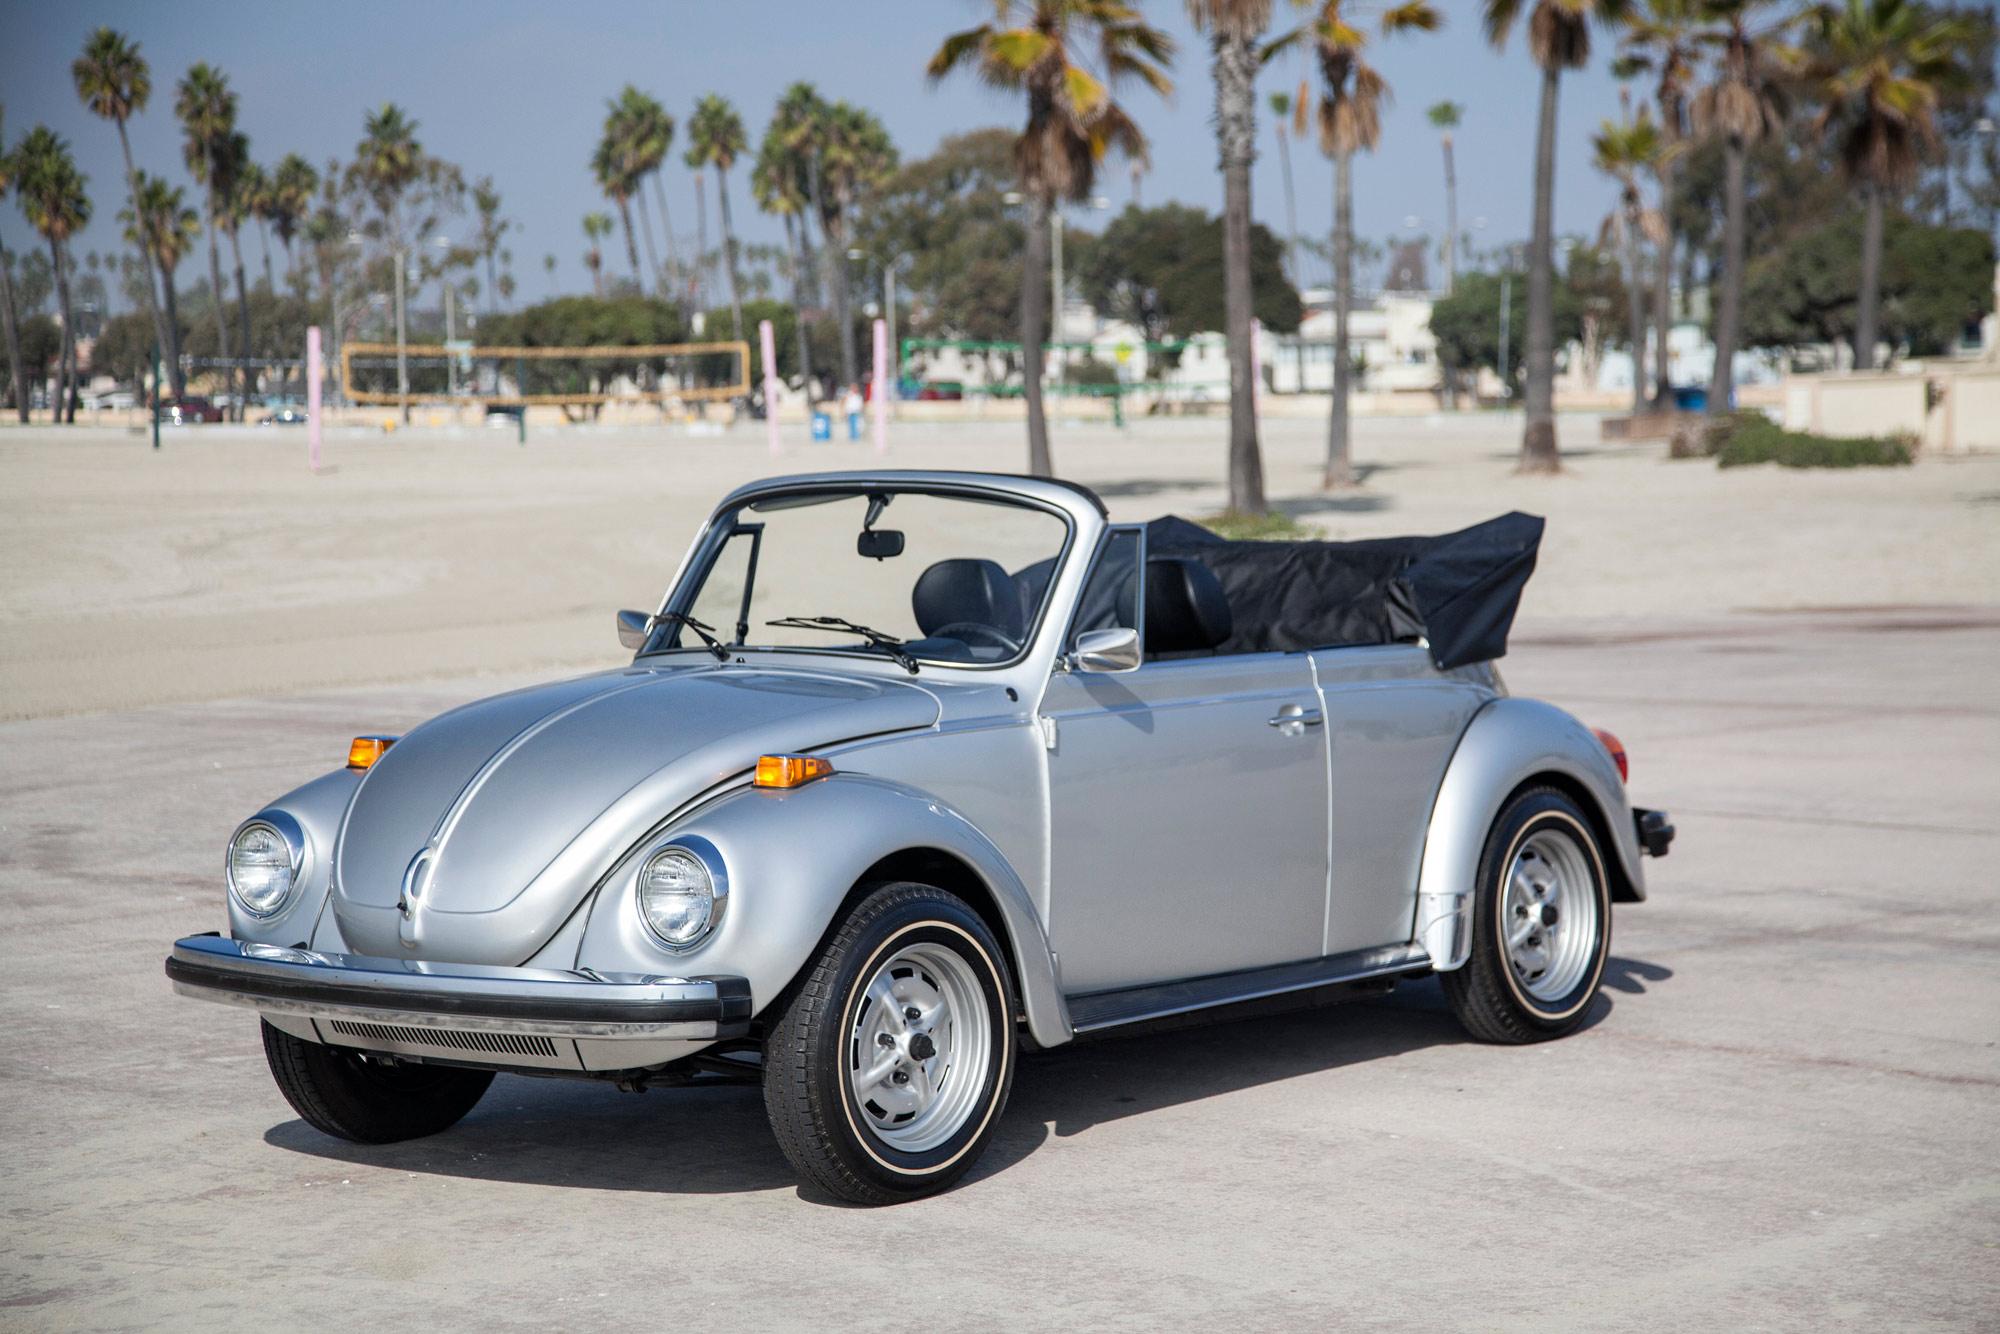 volkswagen-beetle-convertible-029